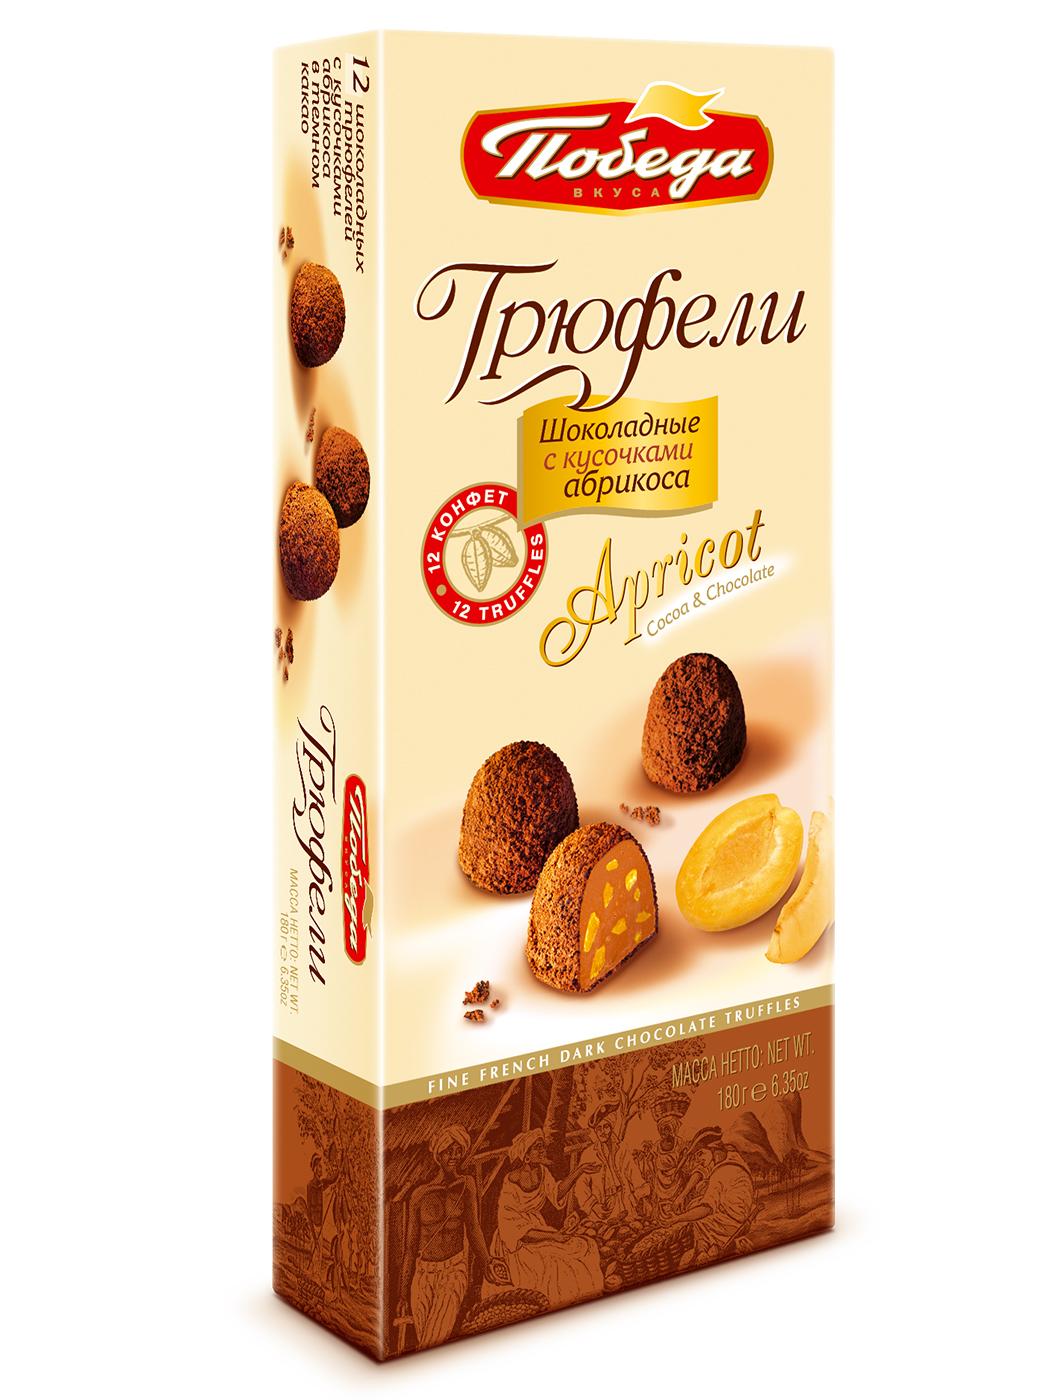 Трюфели Шоколадные Победа Вкуса С Абрикосом (180 Г) фото